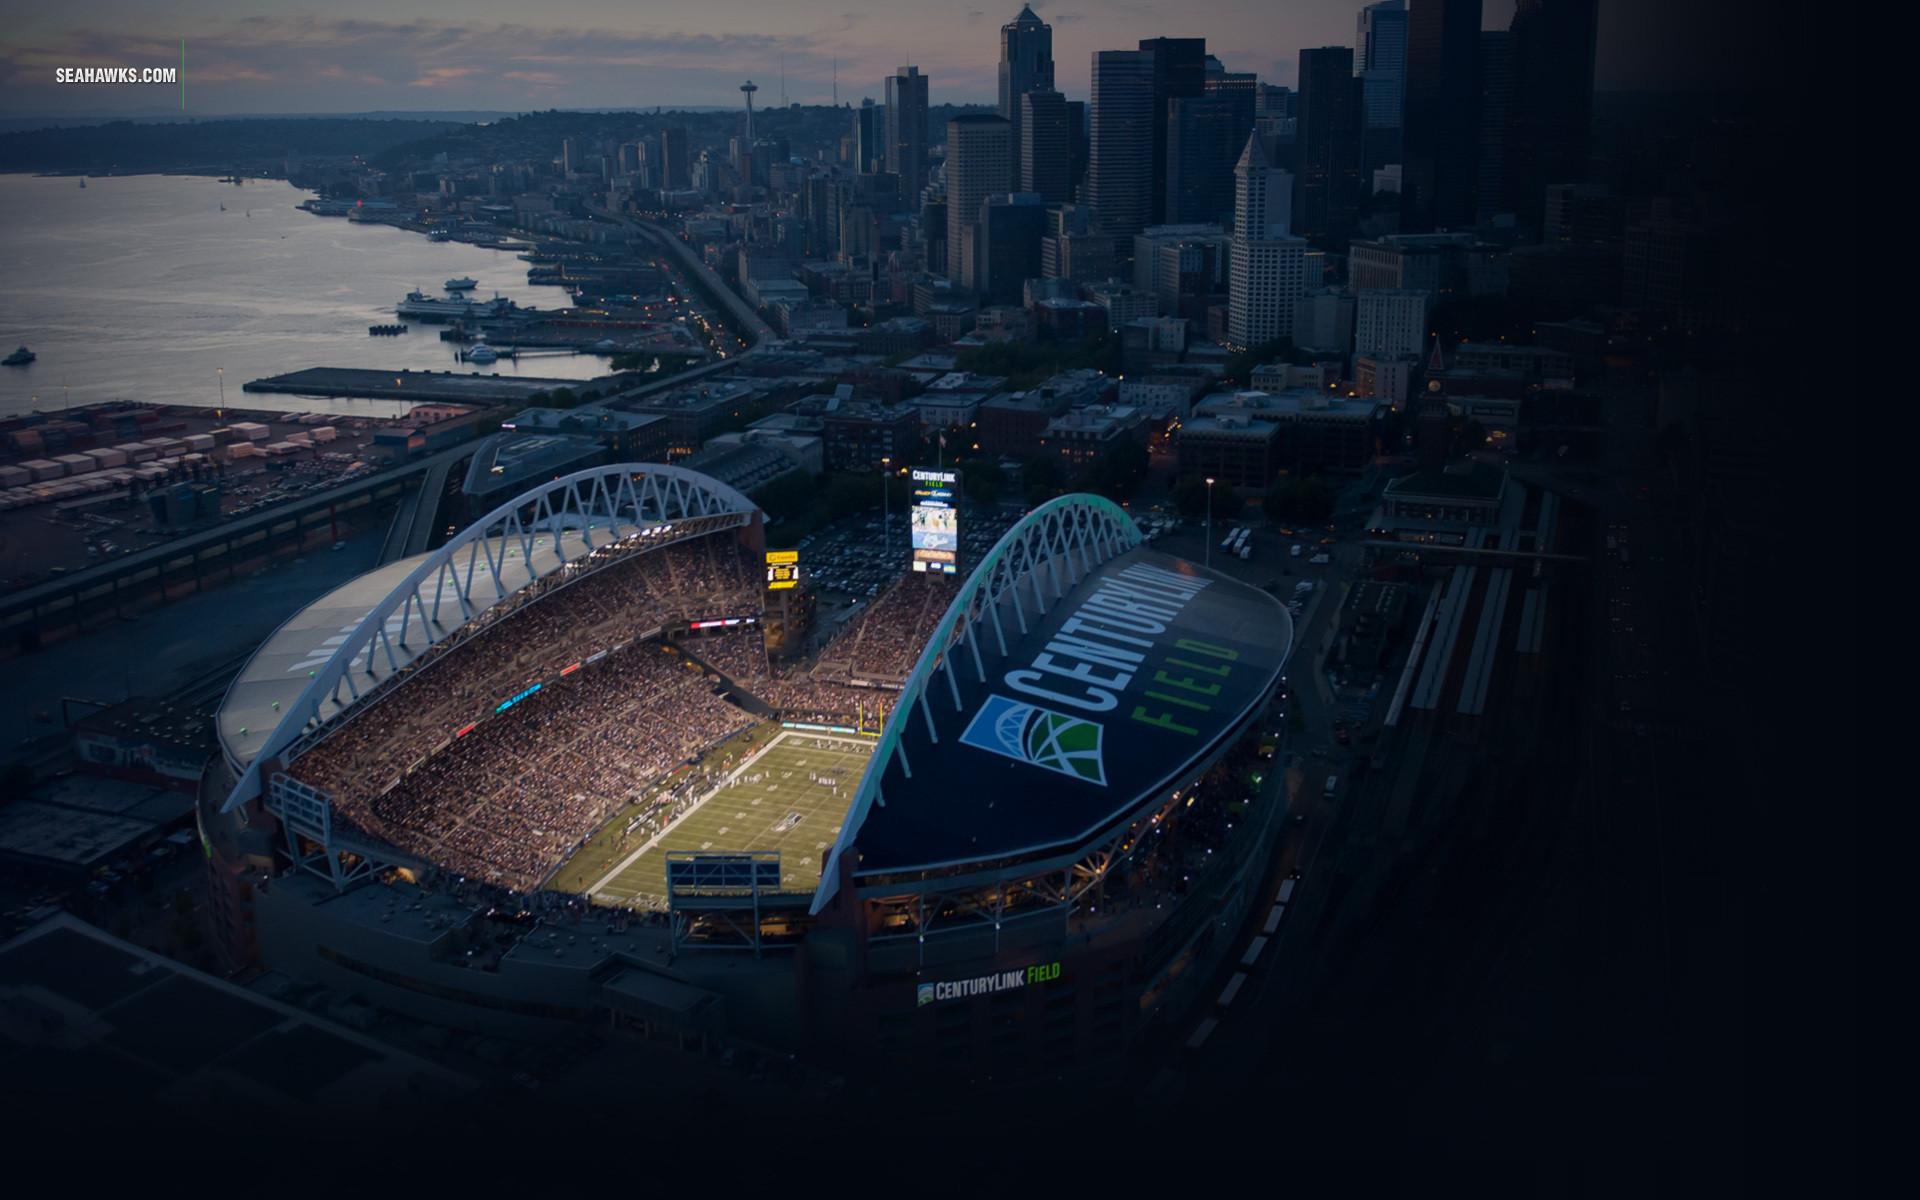 Seattle Seahawks Stadium HD Desktop Wallpaper | HD Desktop Wallpaper